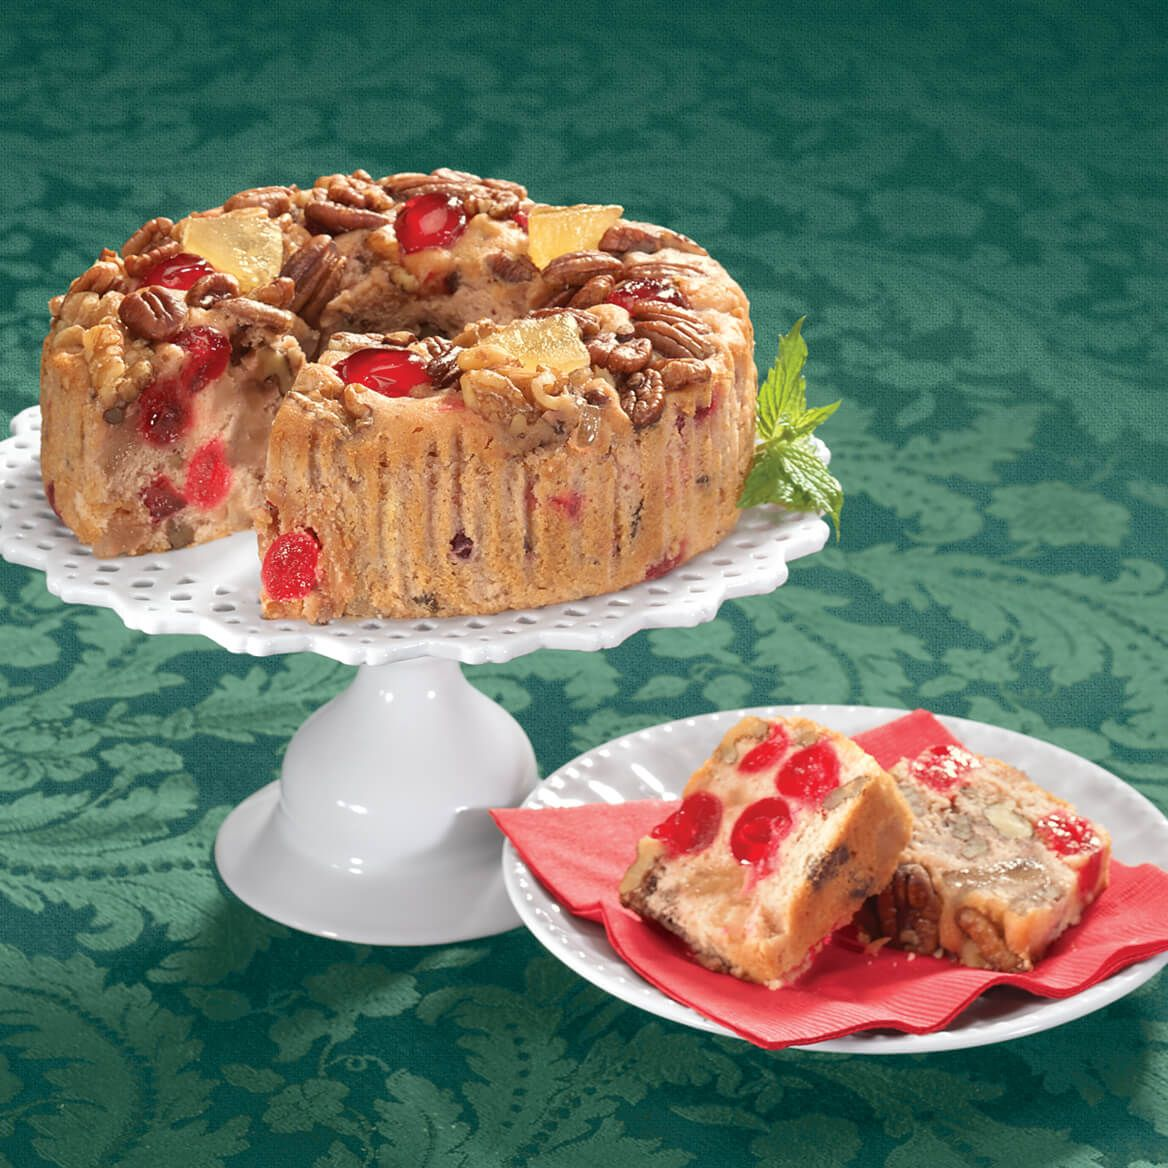 Mrs. Kimballs Classic Fruit Cake 2 lb.-340269